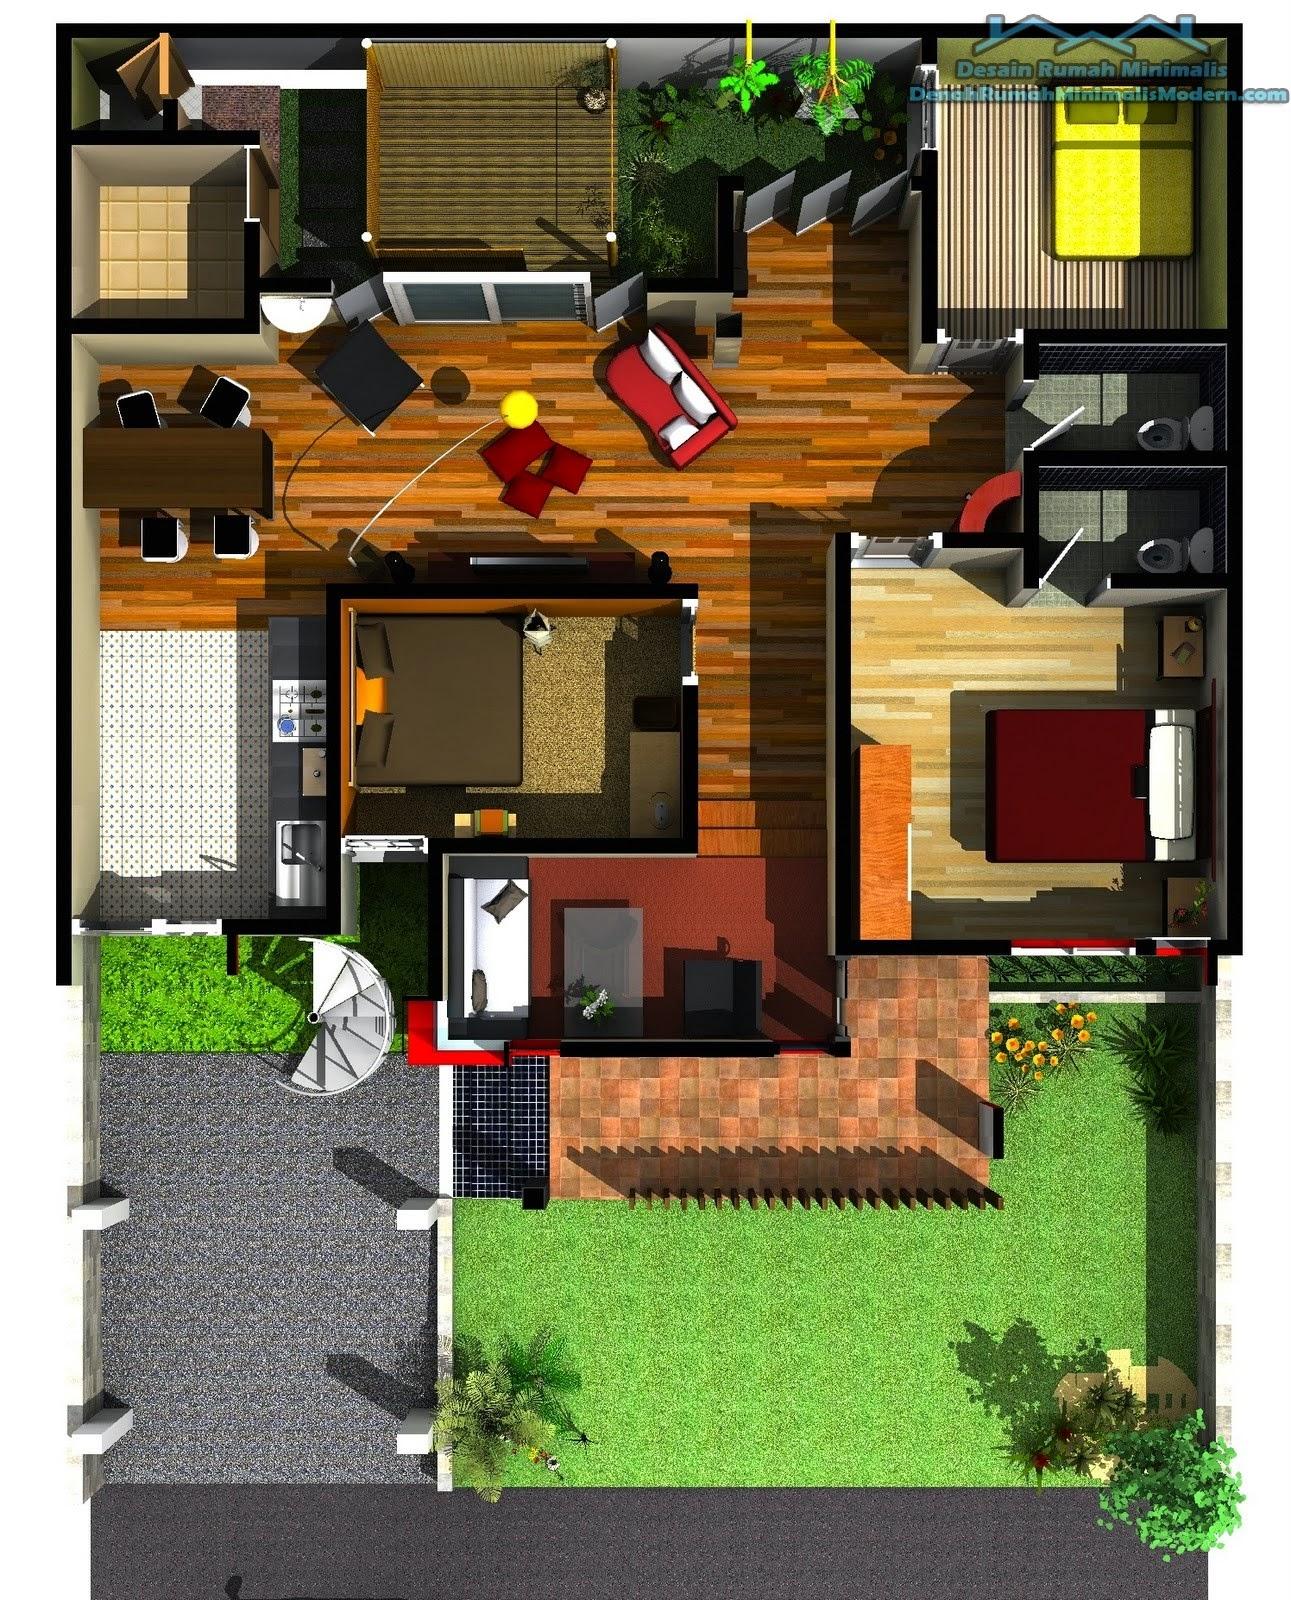 Desain Rumah Minimalis 2 Lantai 4 Kamar Tidur